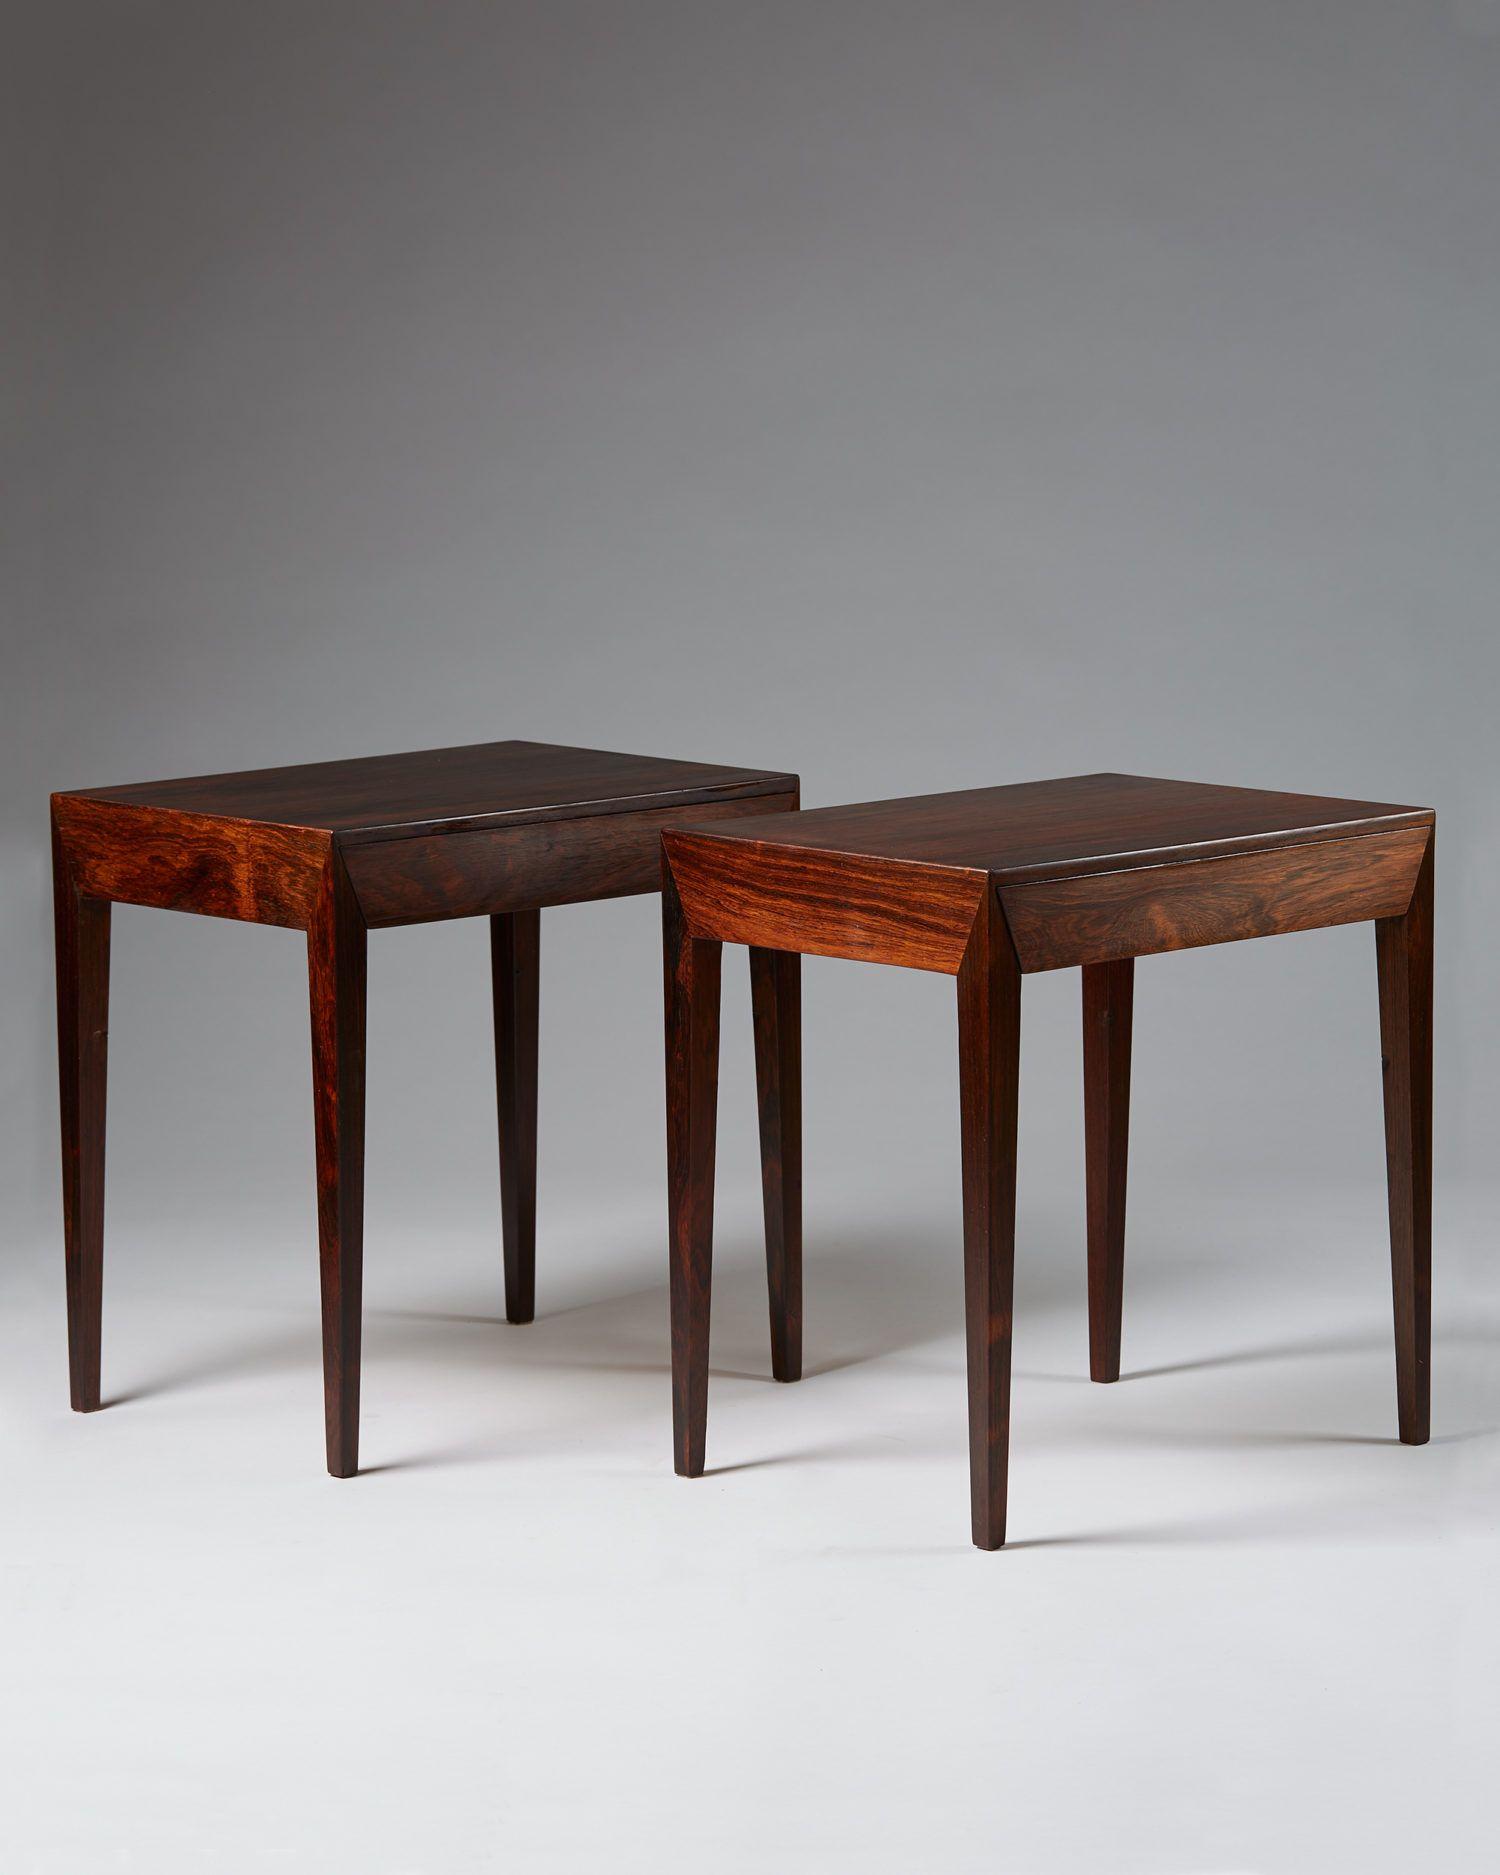 Pair of bedside tables designed by Severin Hansen for Haslev Möbler